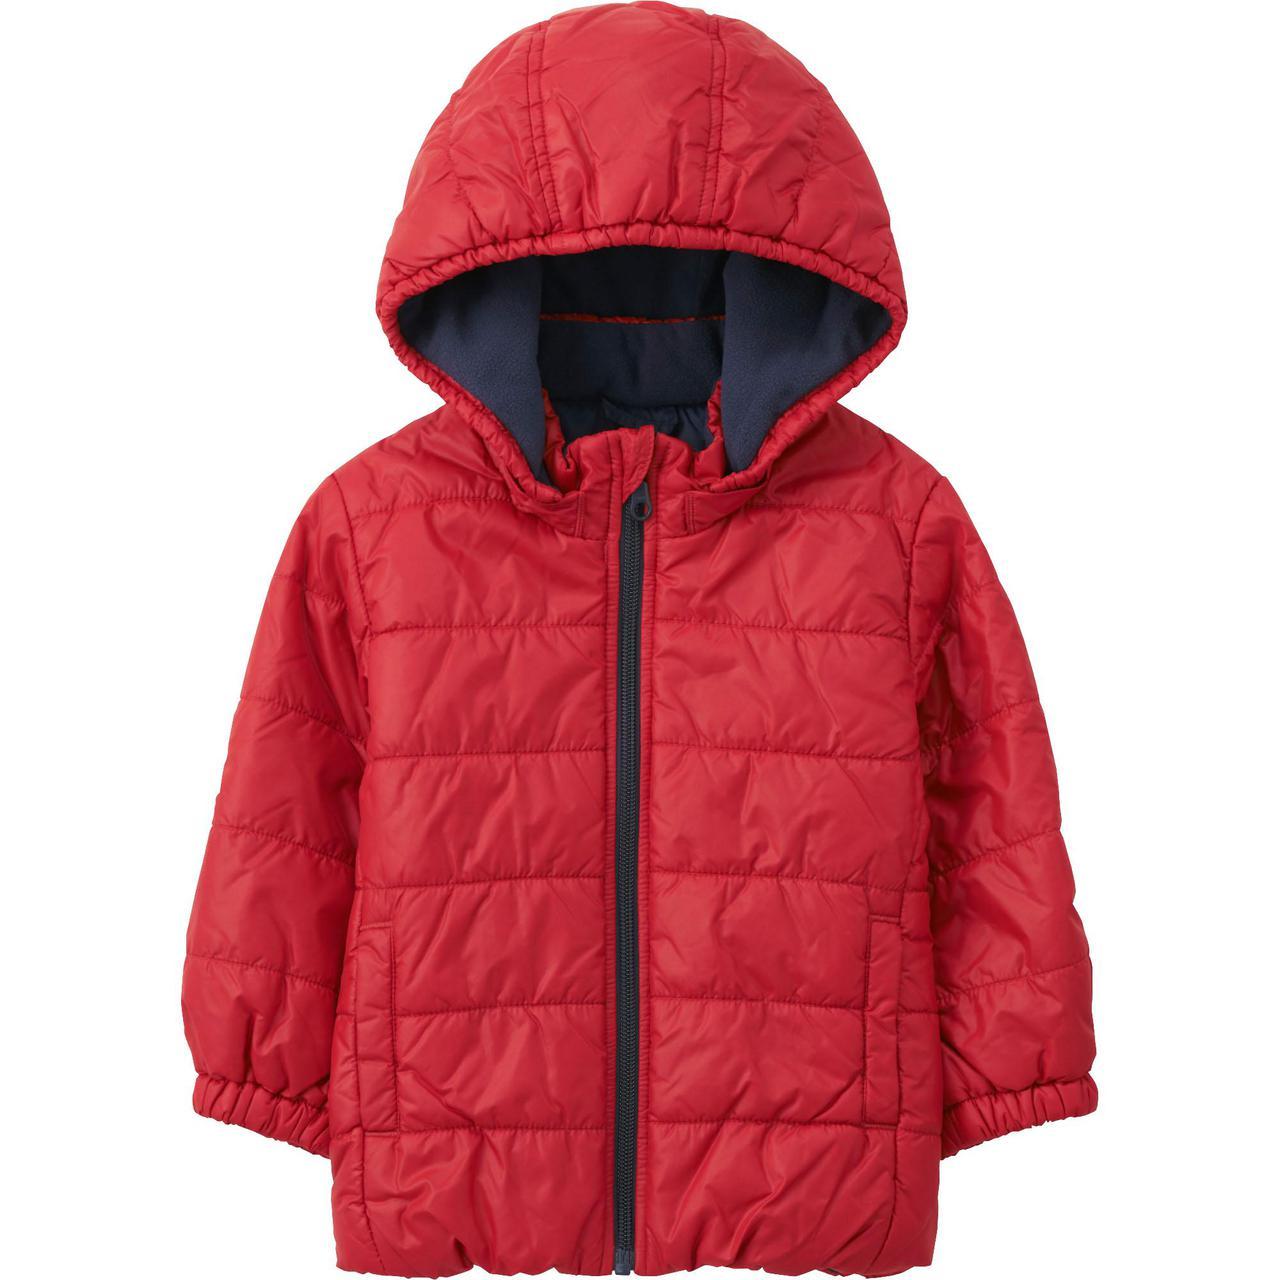 Куртка Uniqlo toddler body warm lite full-zip Red